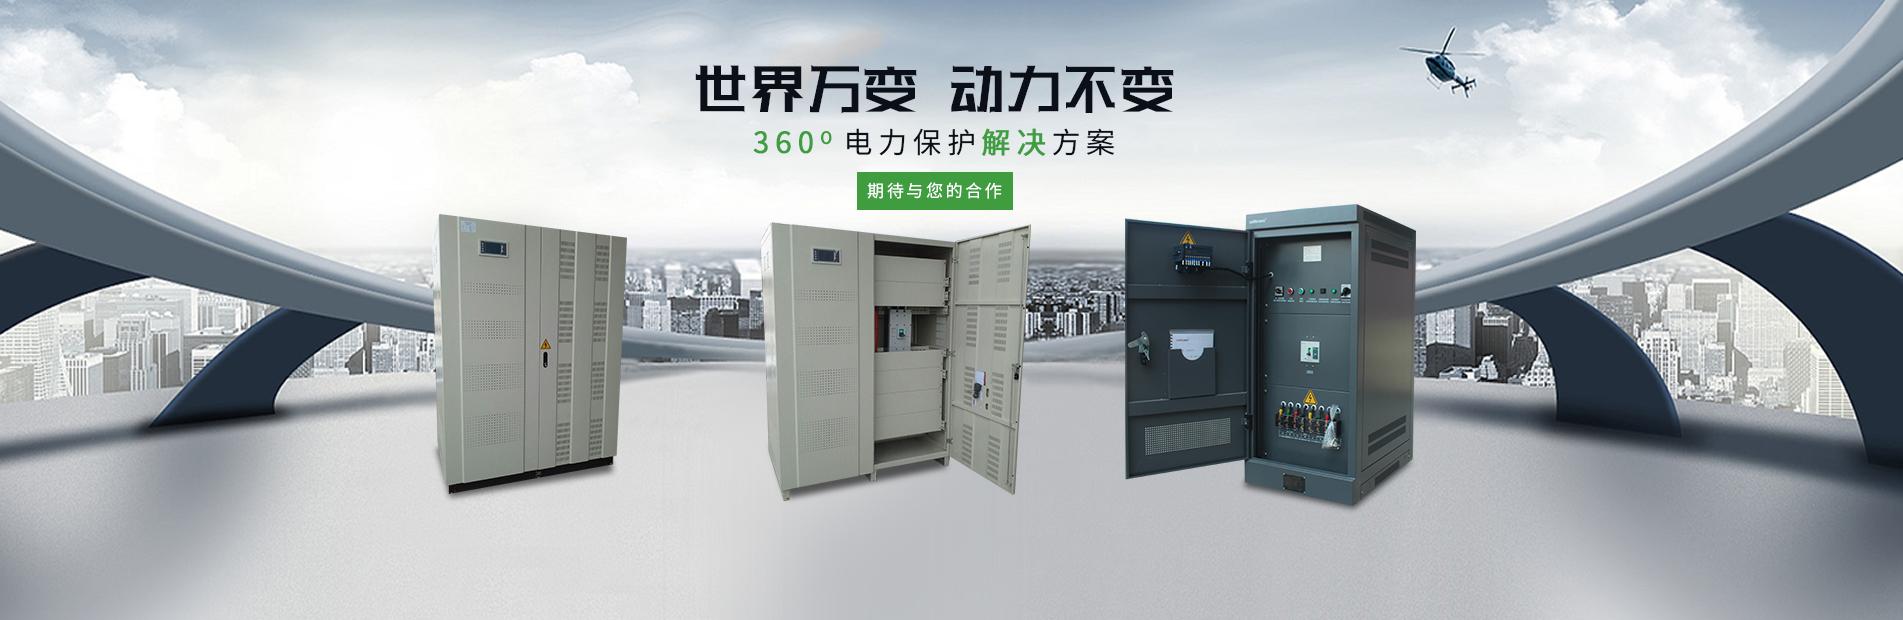 上海pokermaster官網電器製造有限公司